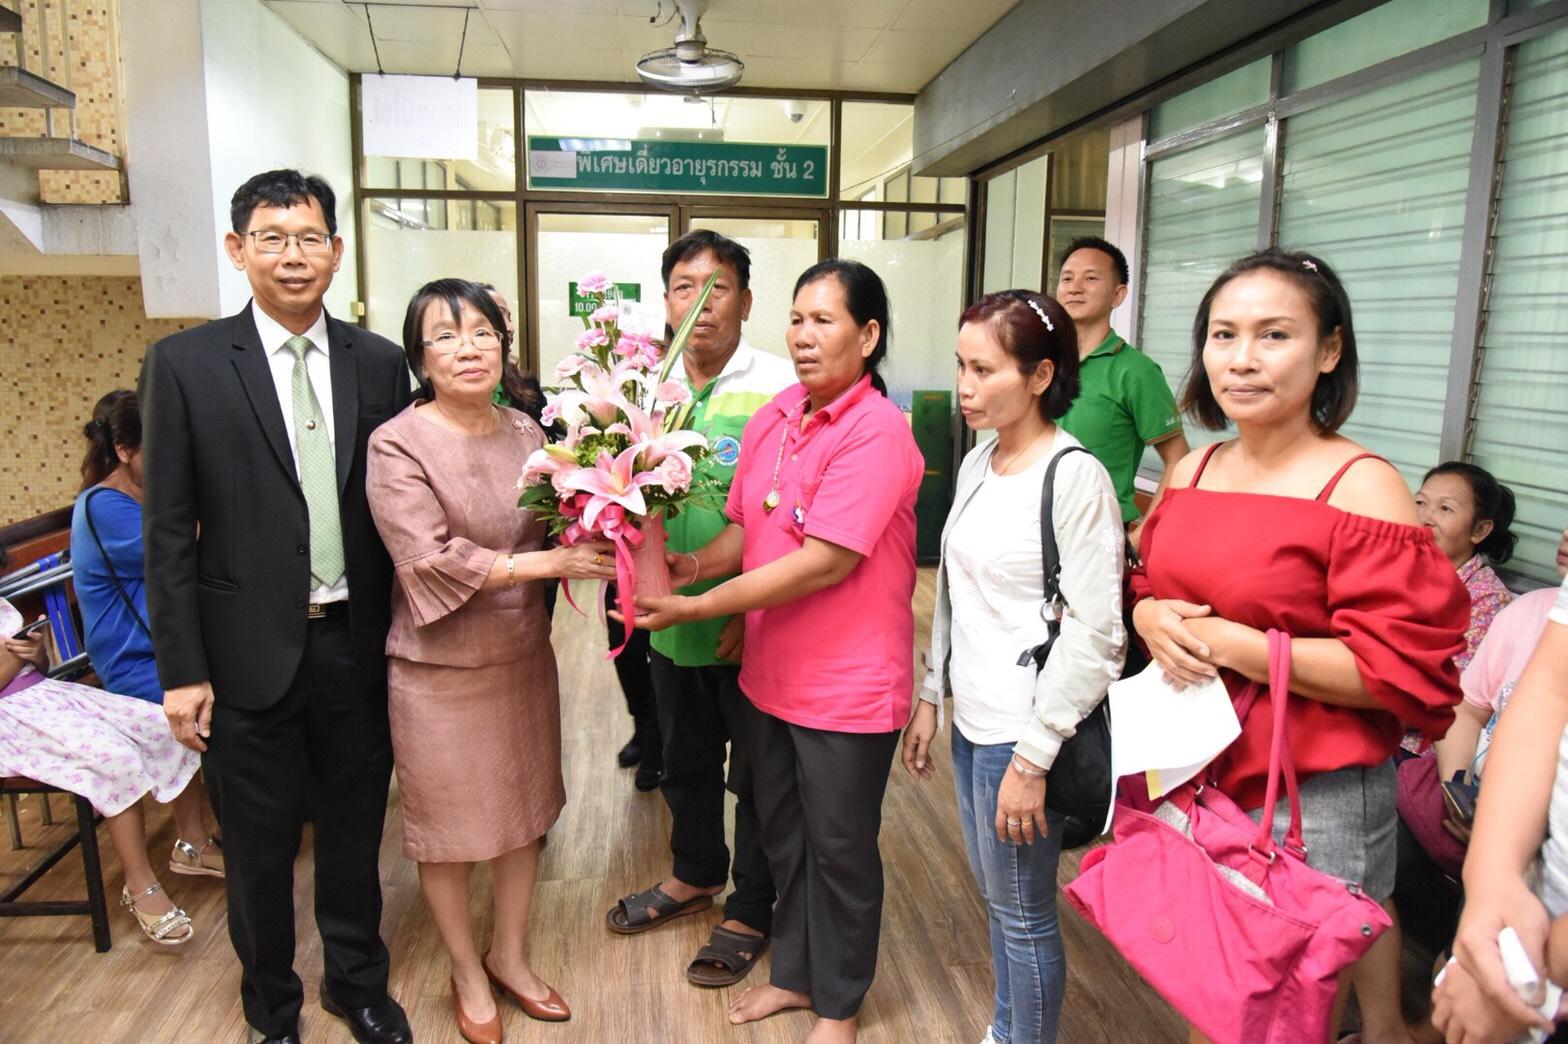 เยี่ยมแรงงานไทยที่ไปทำงานไต้หวันหลังเข้ารักษาตัวที่โรงพยาบาลราชวิถี